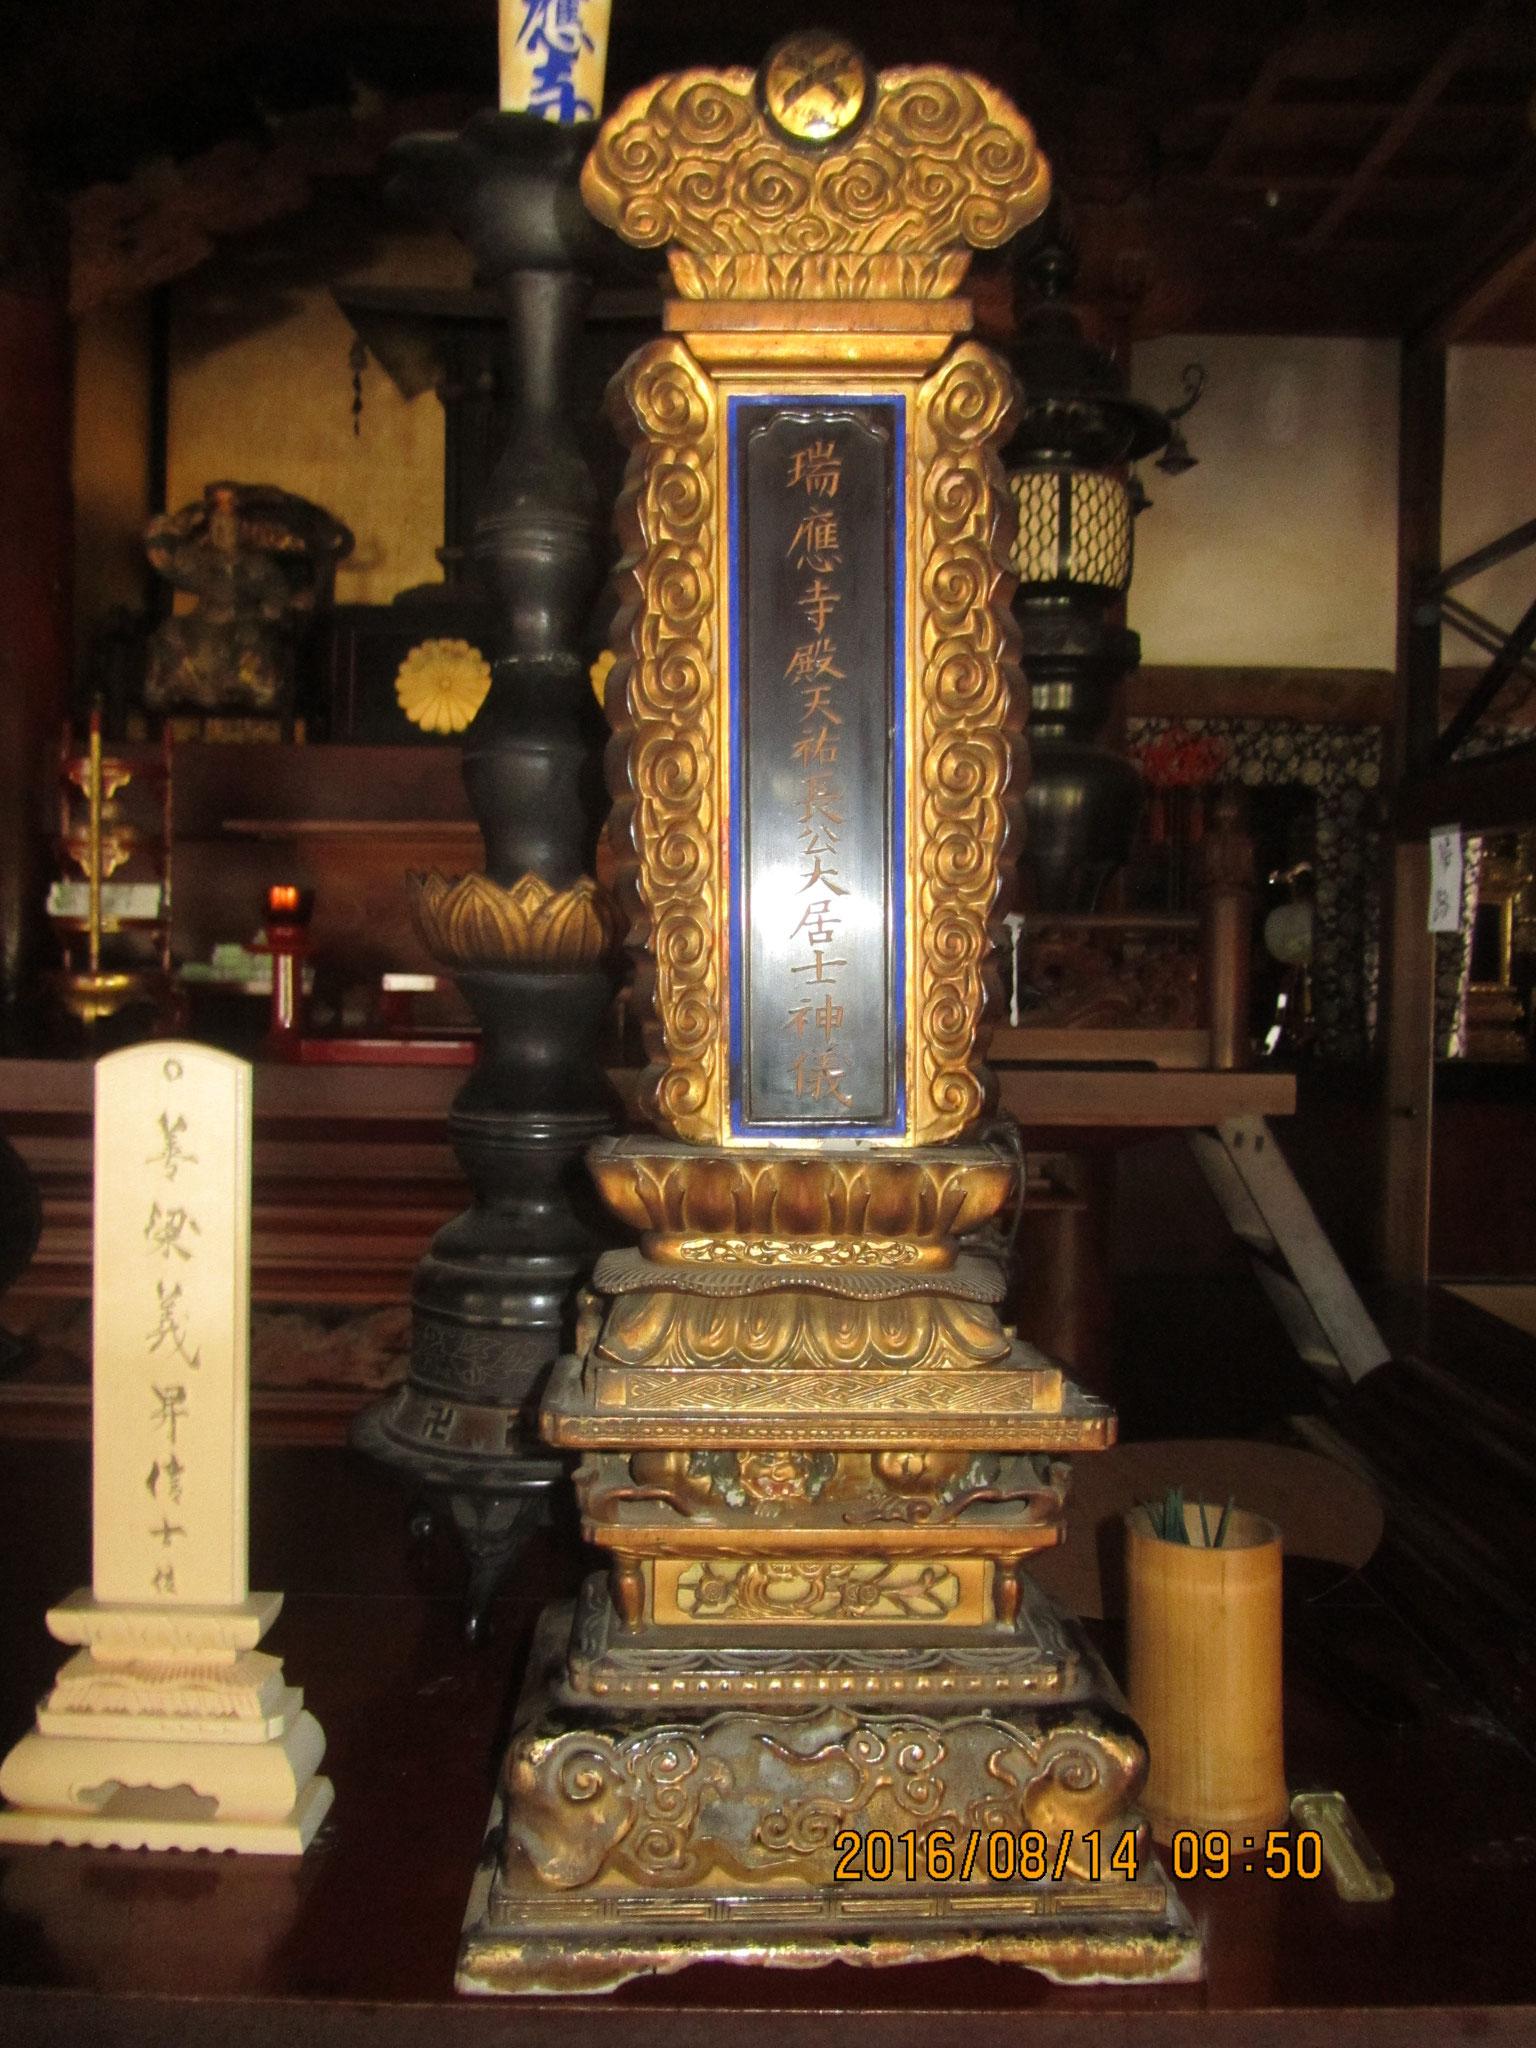 片桐長公の位牌。住職が特別に見せてくれました。